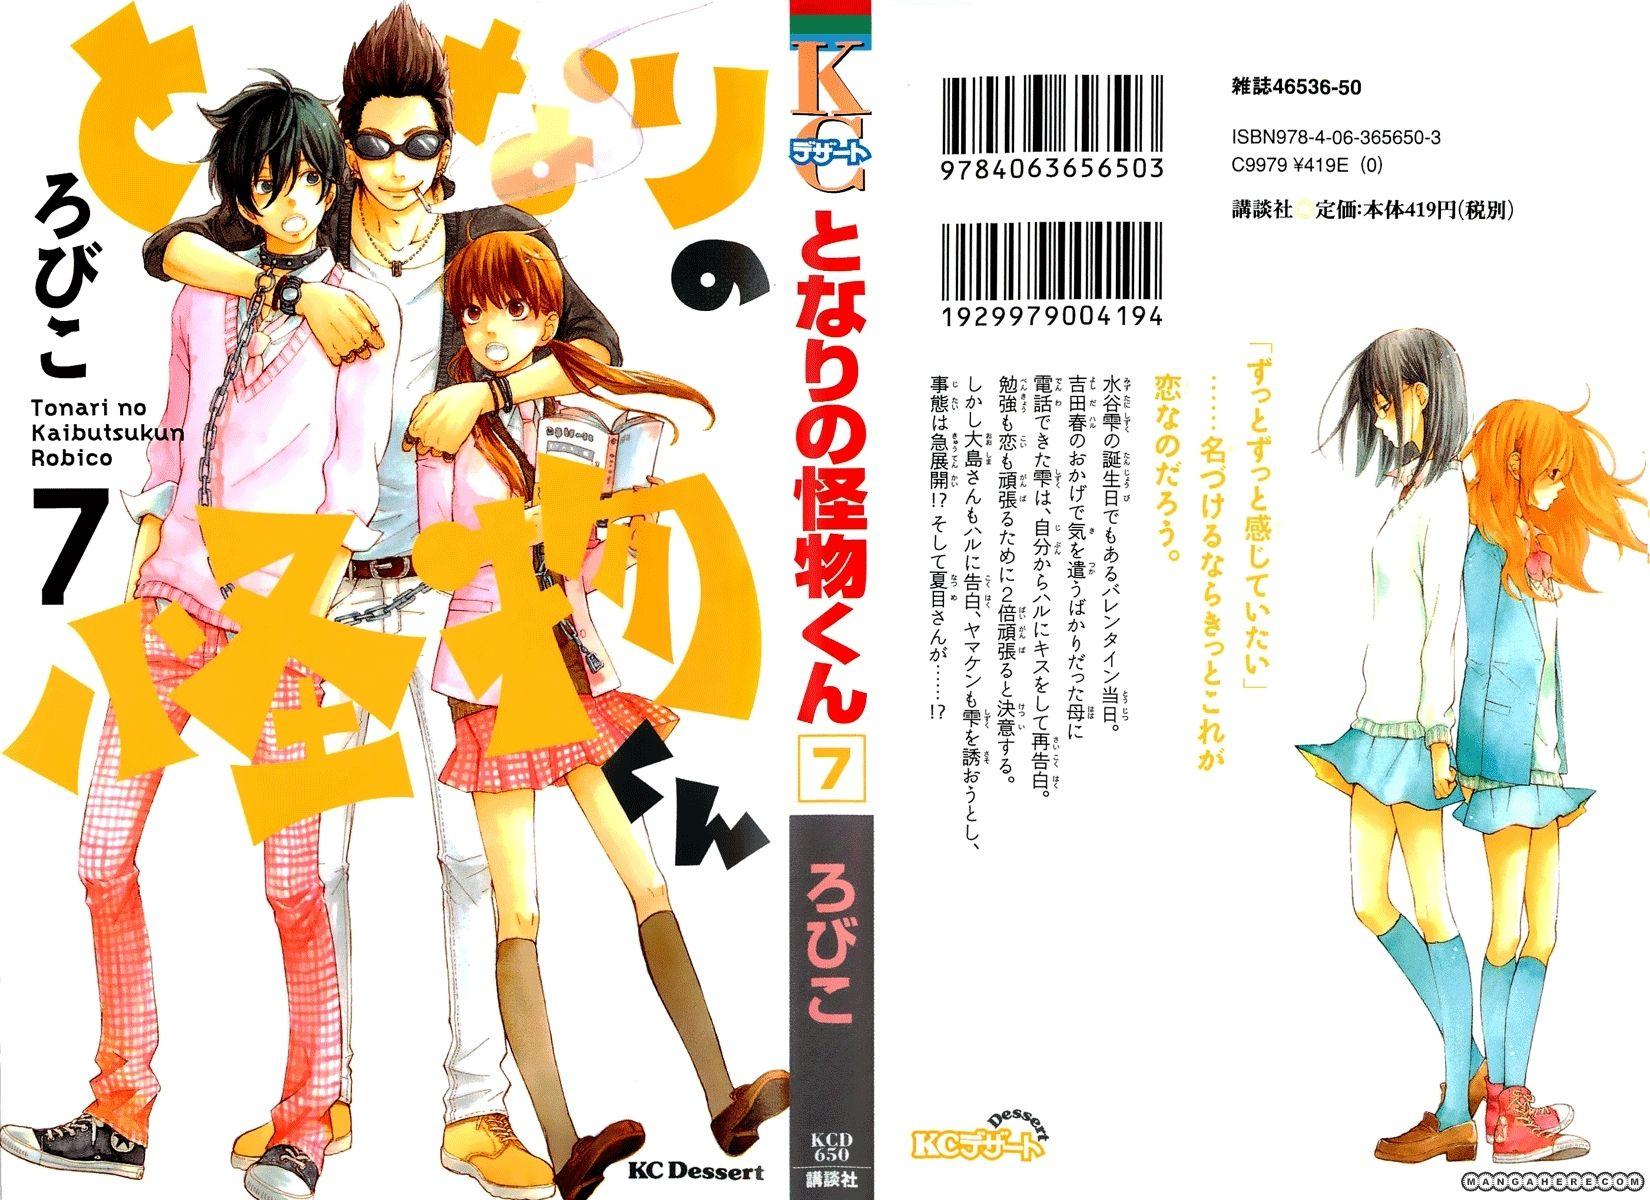 Tonari no Kaibutsu-kun 25 Page 1